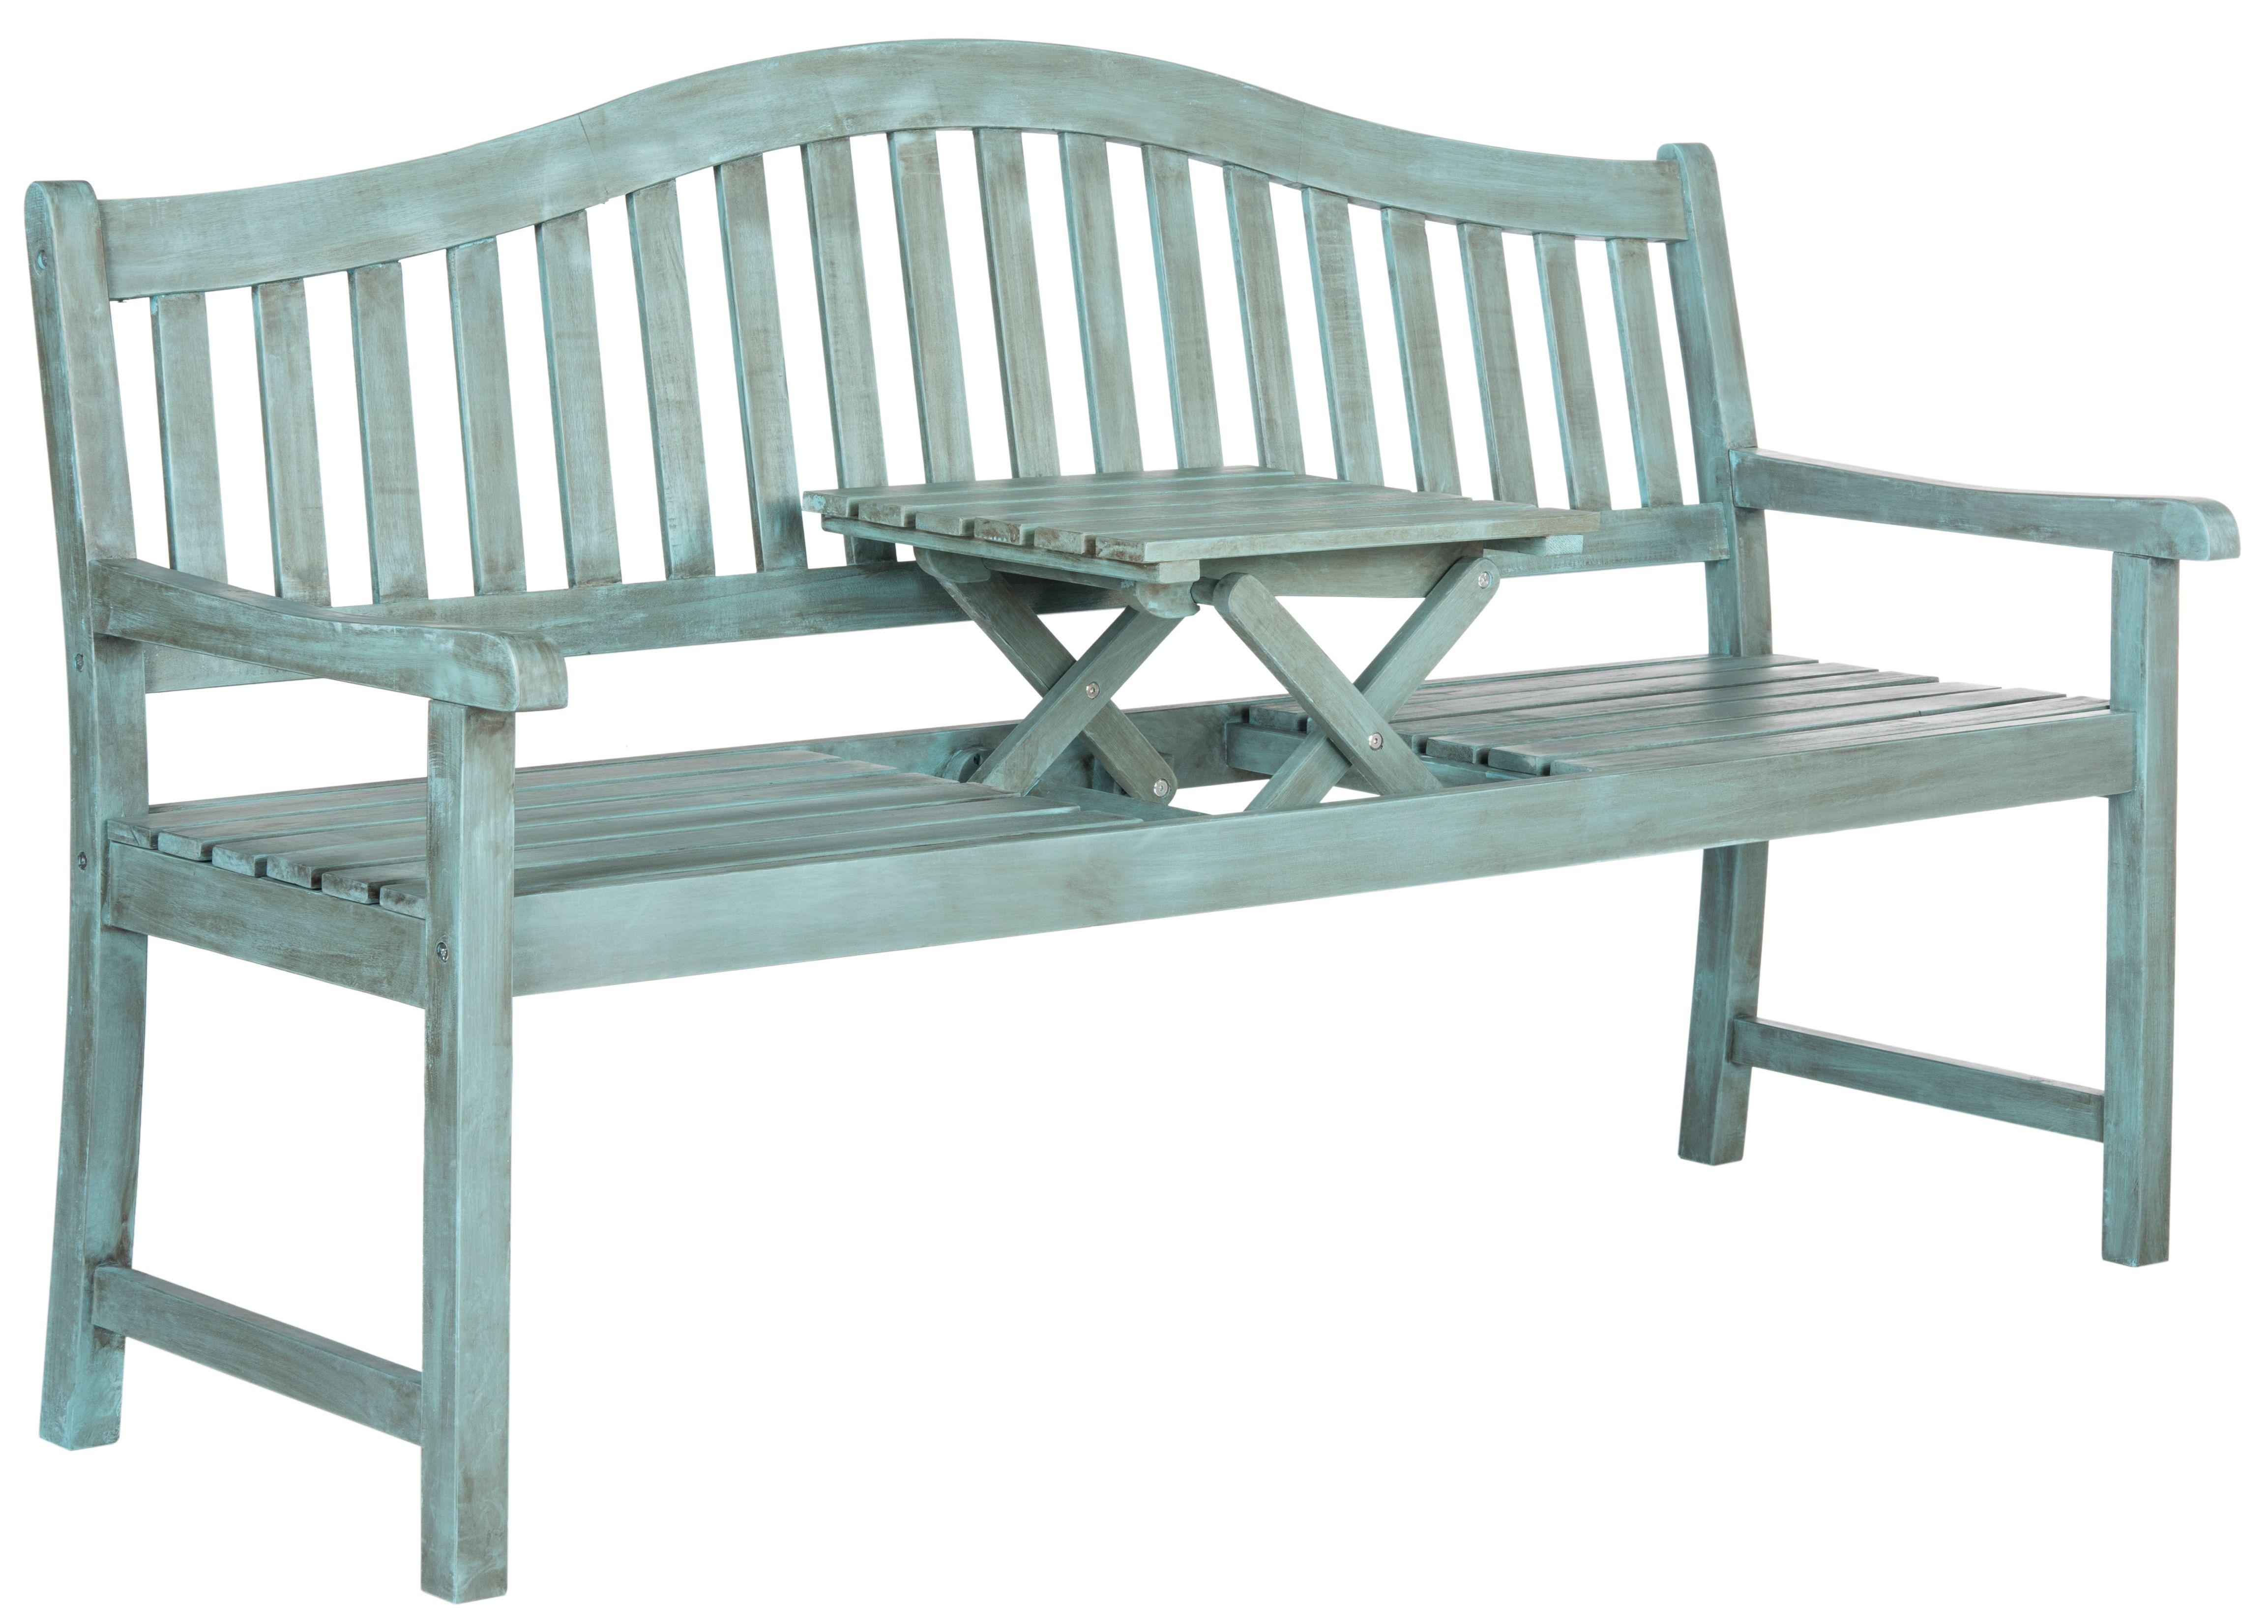 Safavieh Bench Blue Wooden Garden Benches Outdoor Furniture